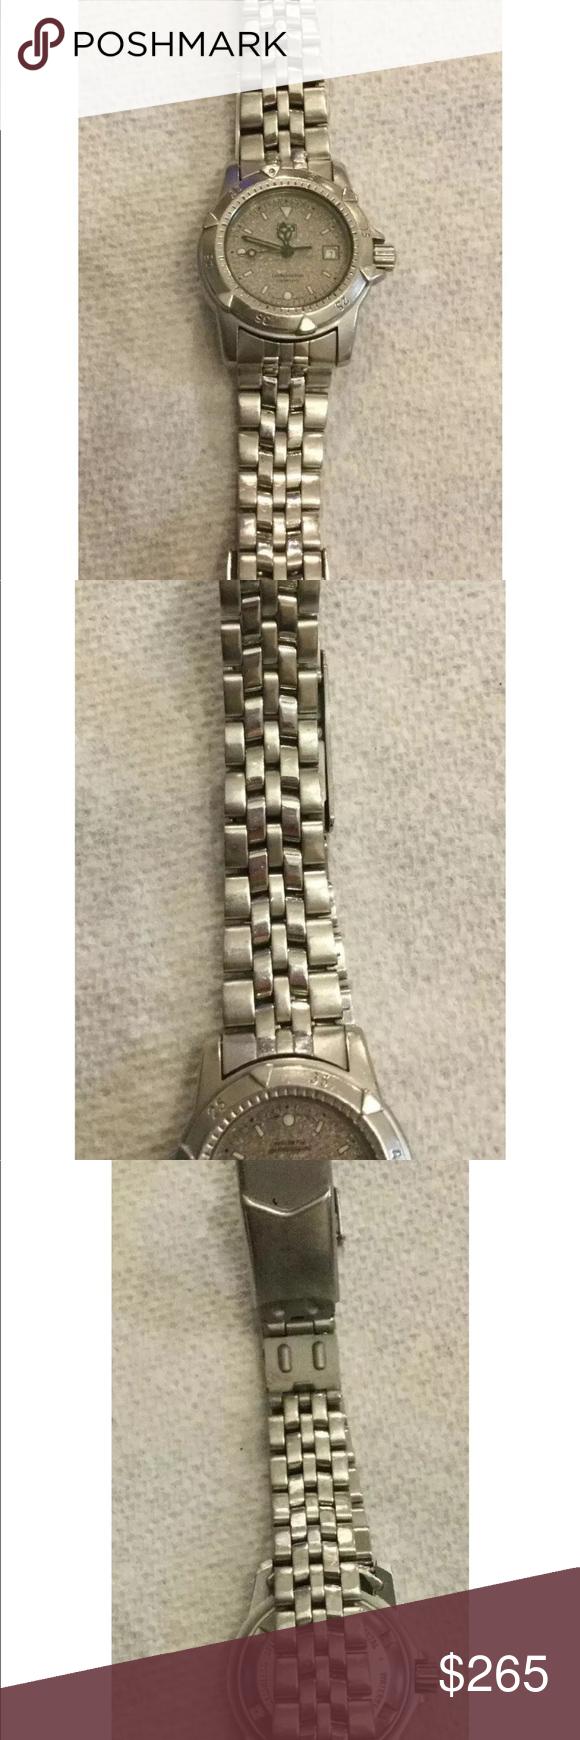 Ladies Tag Heuer 1500 Series Watch Accessories Women Accessories Accessories Watches